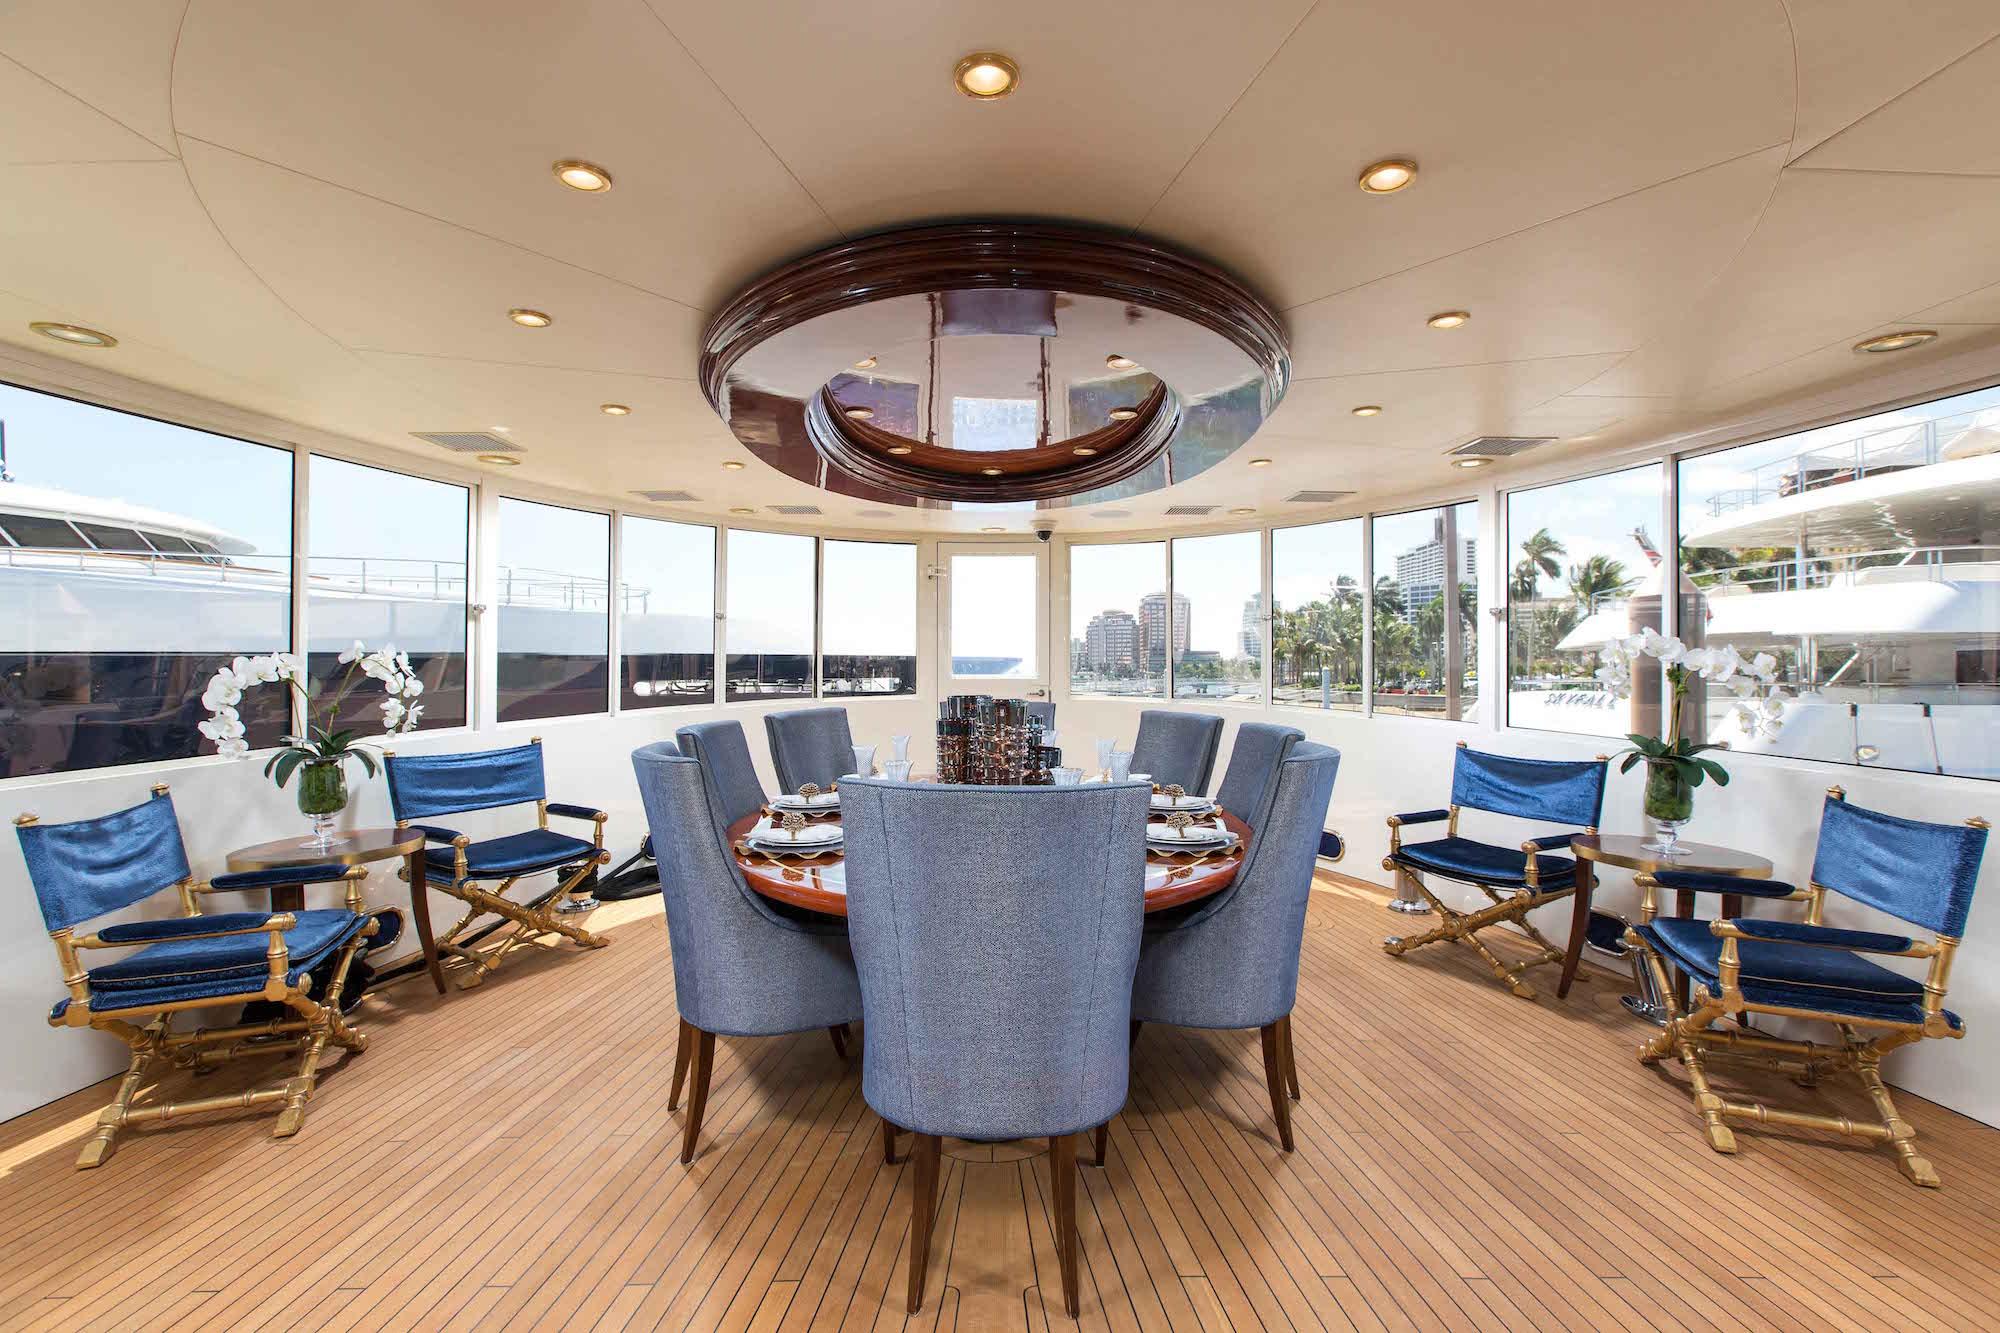 bread-yacht-interior-5-dining